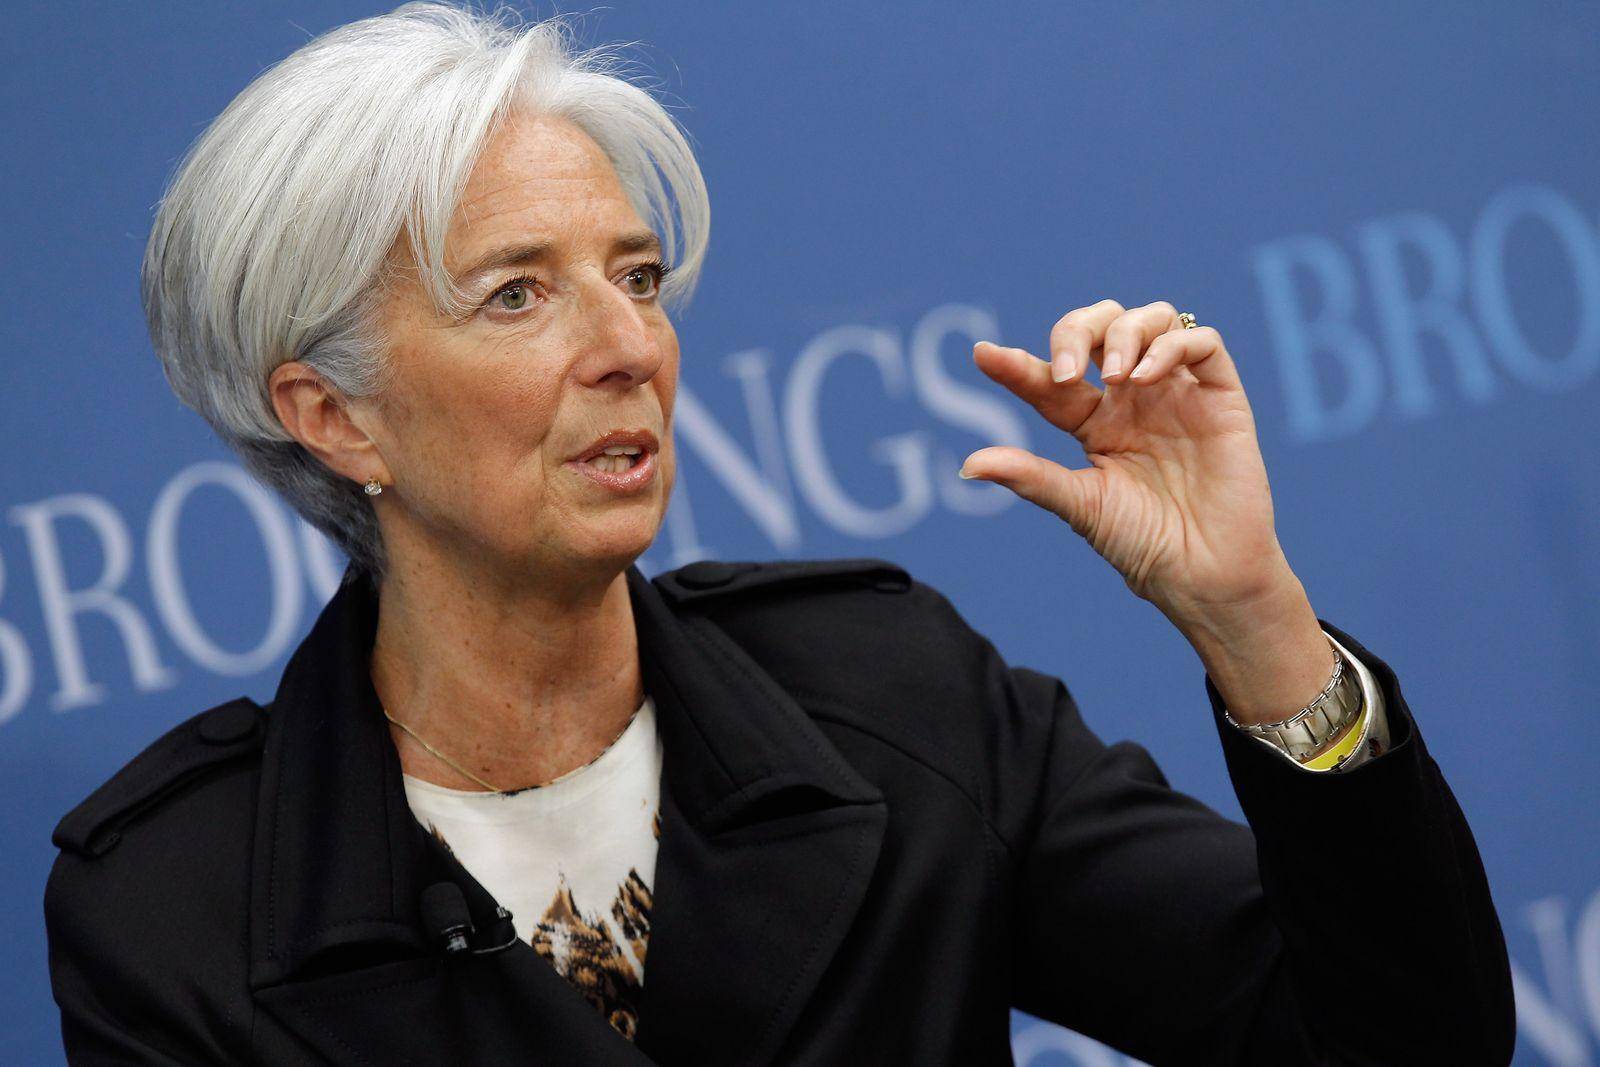 DER SPIEGEL 16/2012 pp 68 SPIN / IMF-Chefin Christine Lagarde